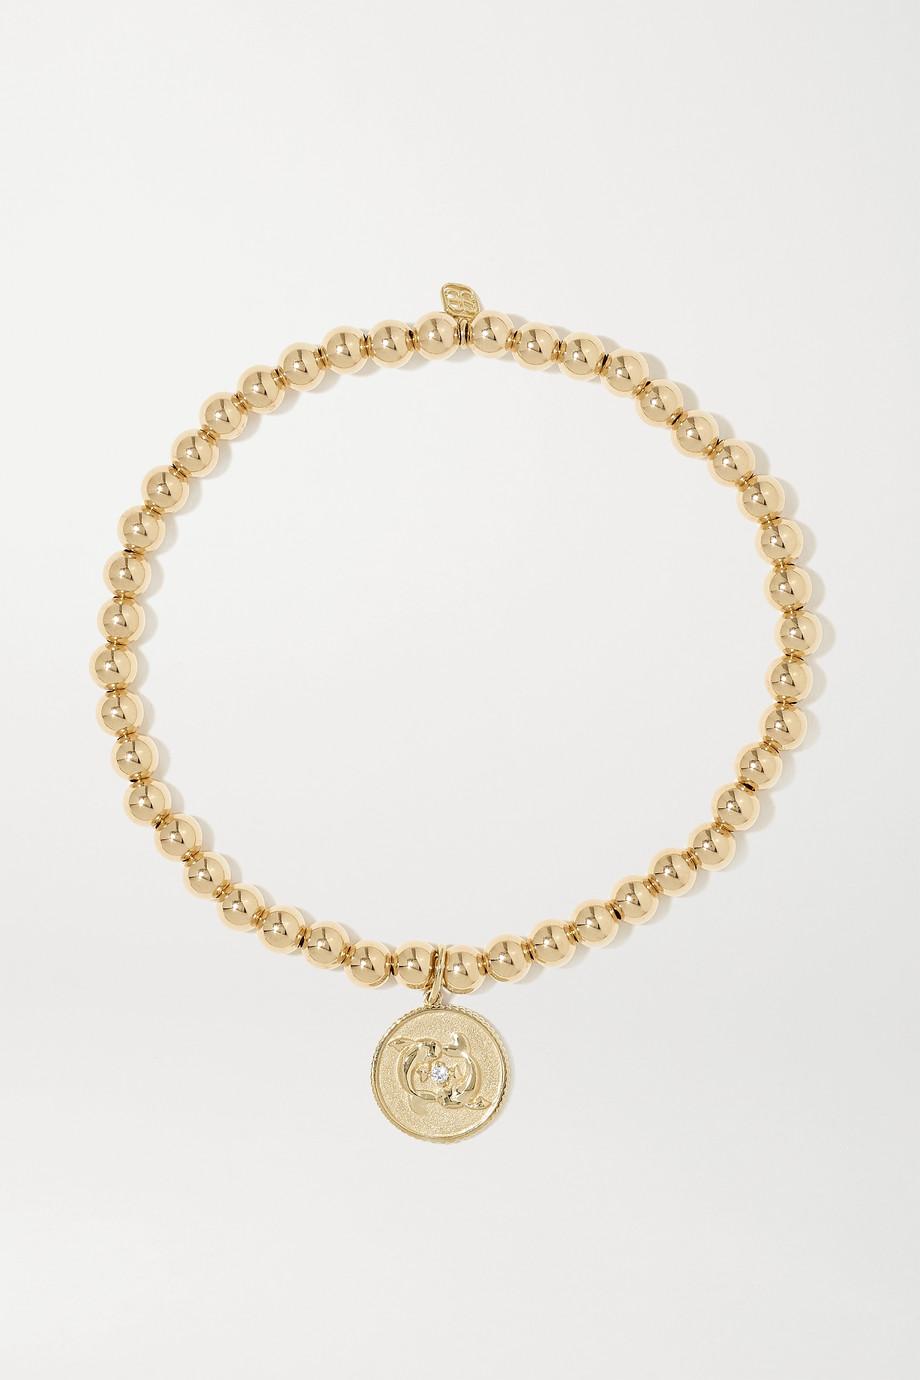 Sydney Evan Pisces 14-karat gold diamond bracelet